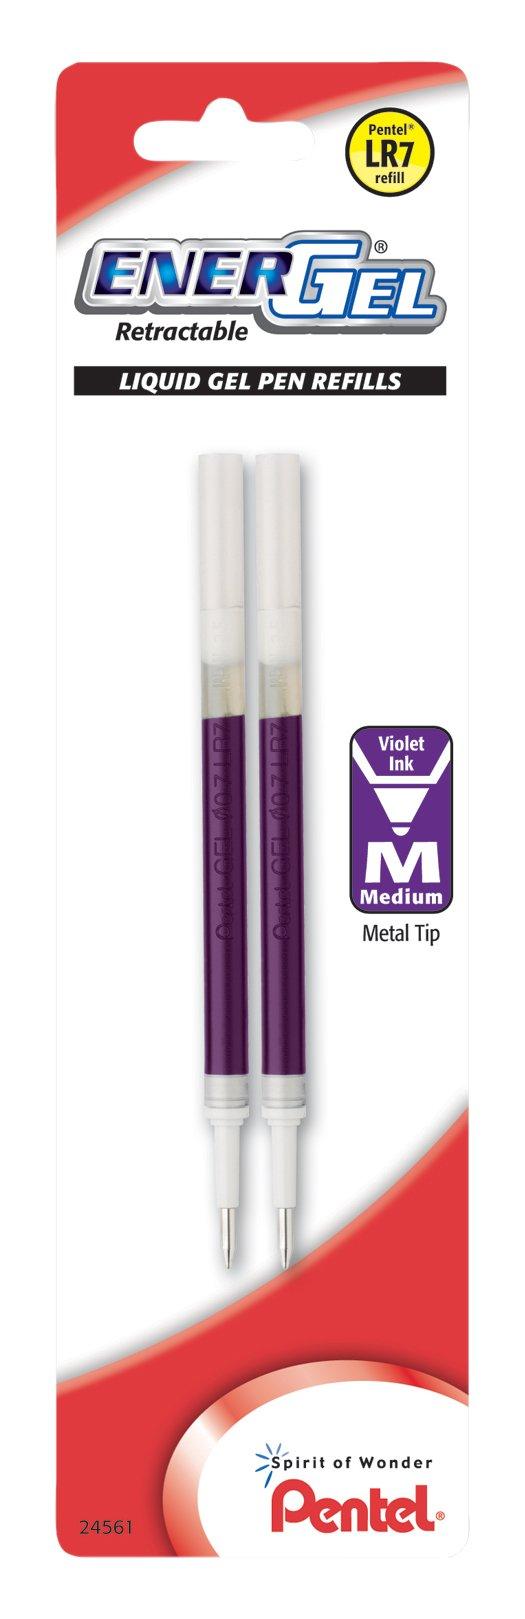 Pentel Refill Ink, for EnerGel & Lancelot Gel Pen, 0.7mm...